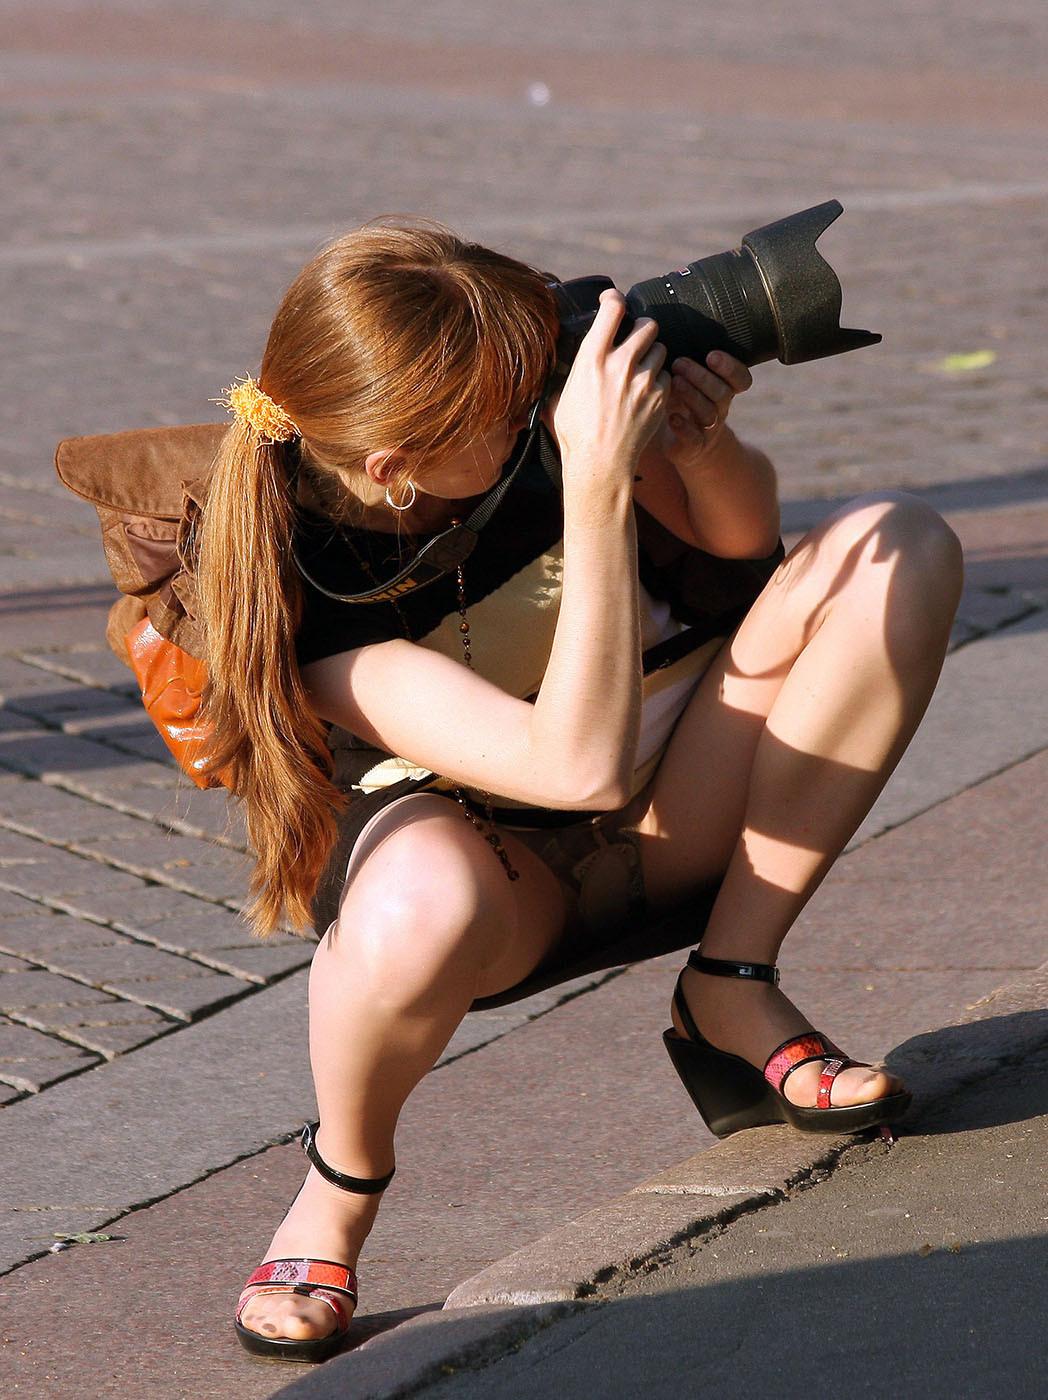 Фото волосы под юбкой 14 фотография